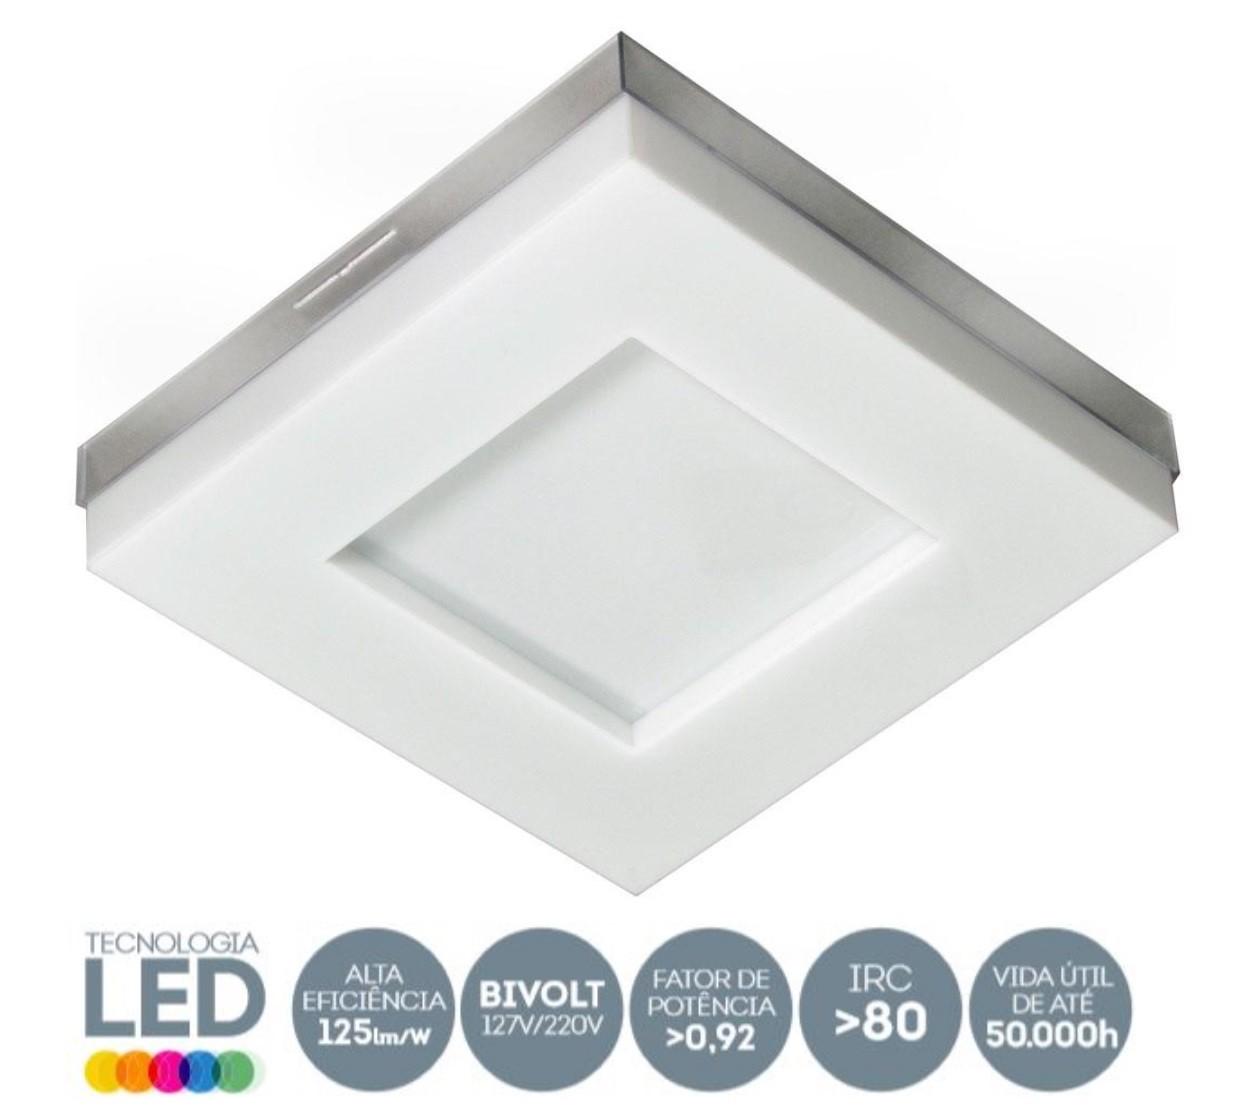 Luminária LED 9W sobrepor Branco Asturias 6500k Tualux